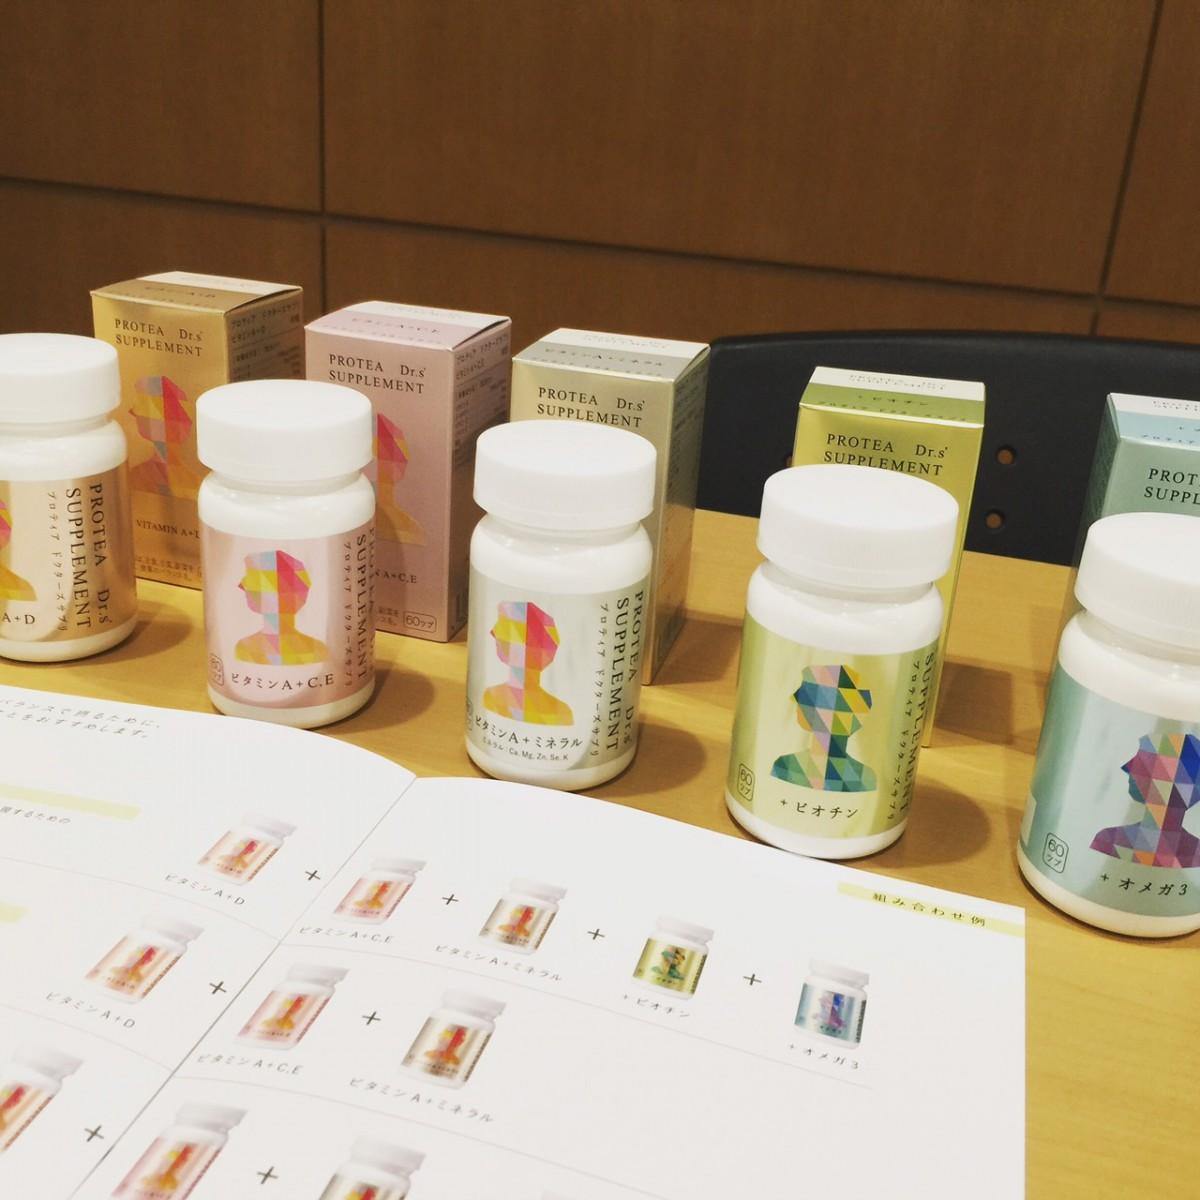 健康寿命の為にもしっかり摂取したい!ビタミンAに注目したドクターズサプリ